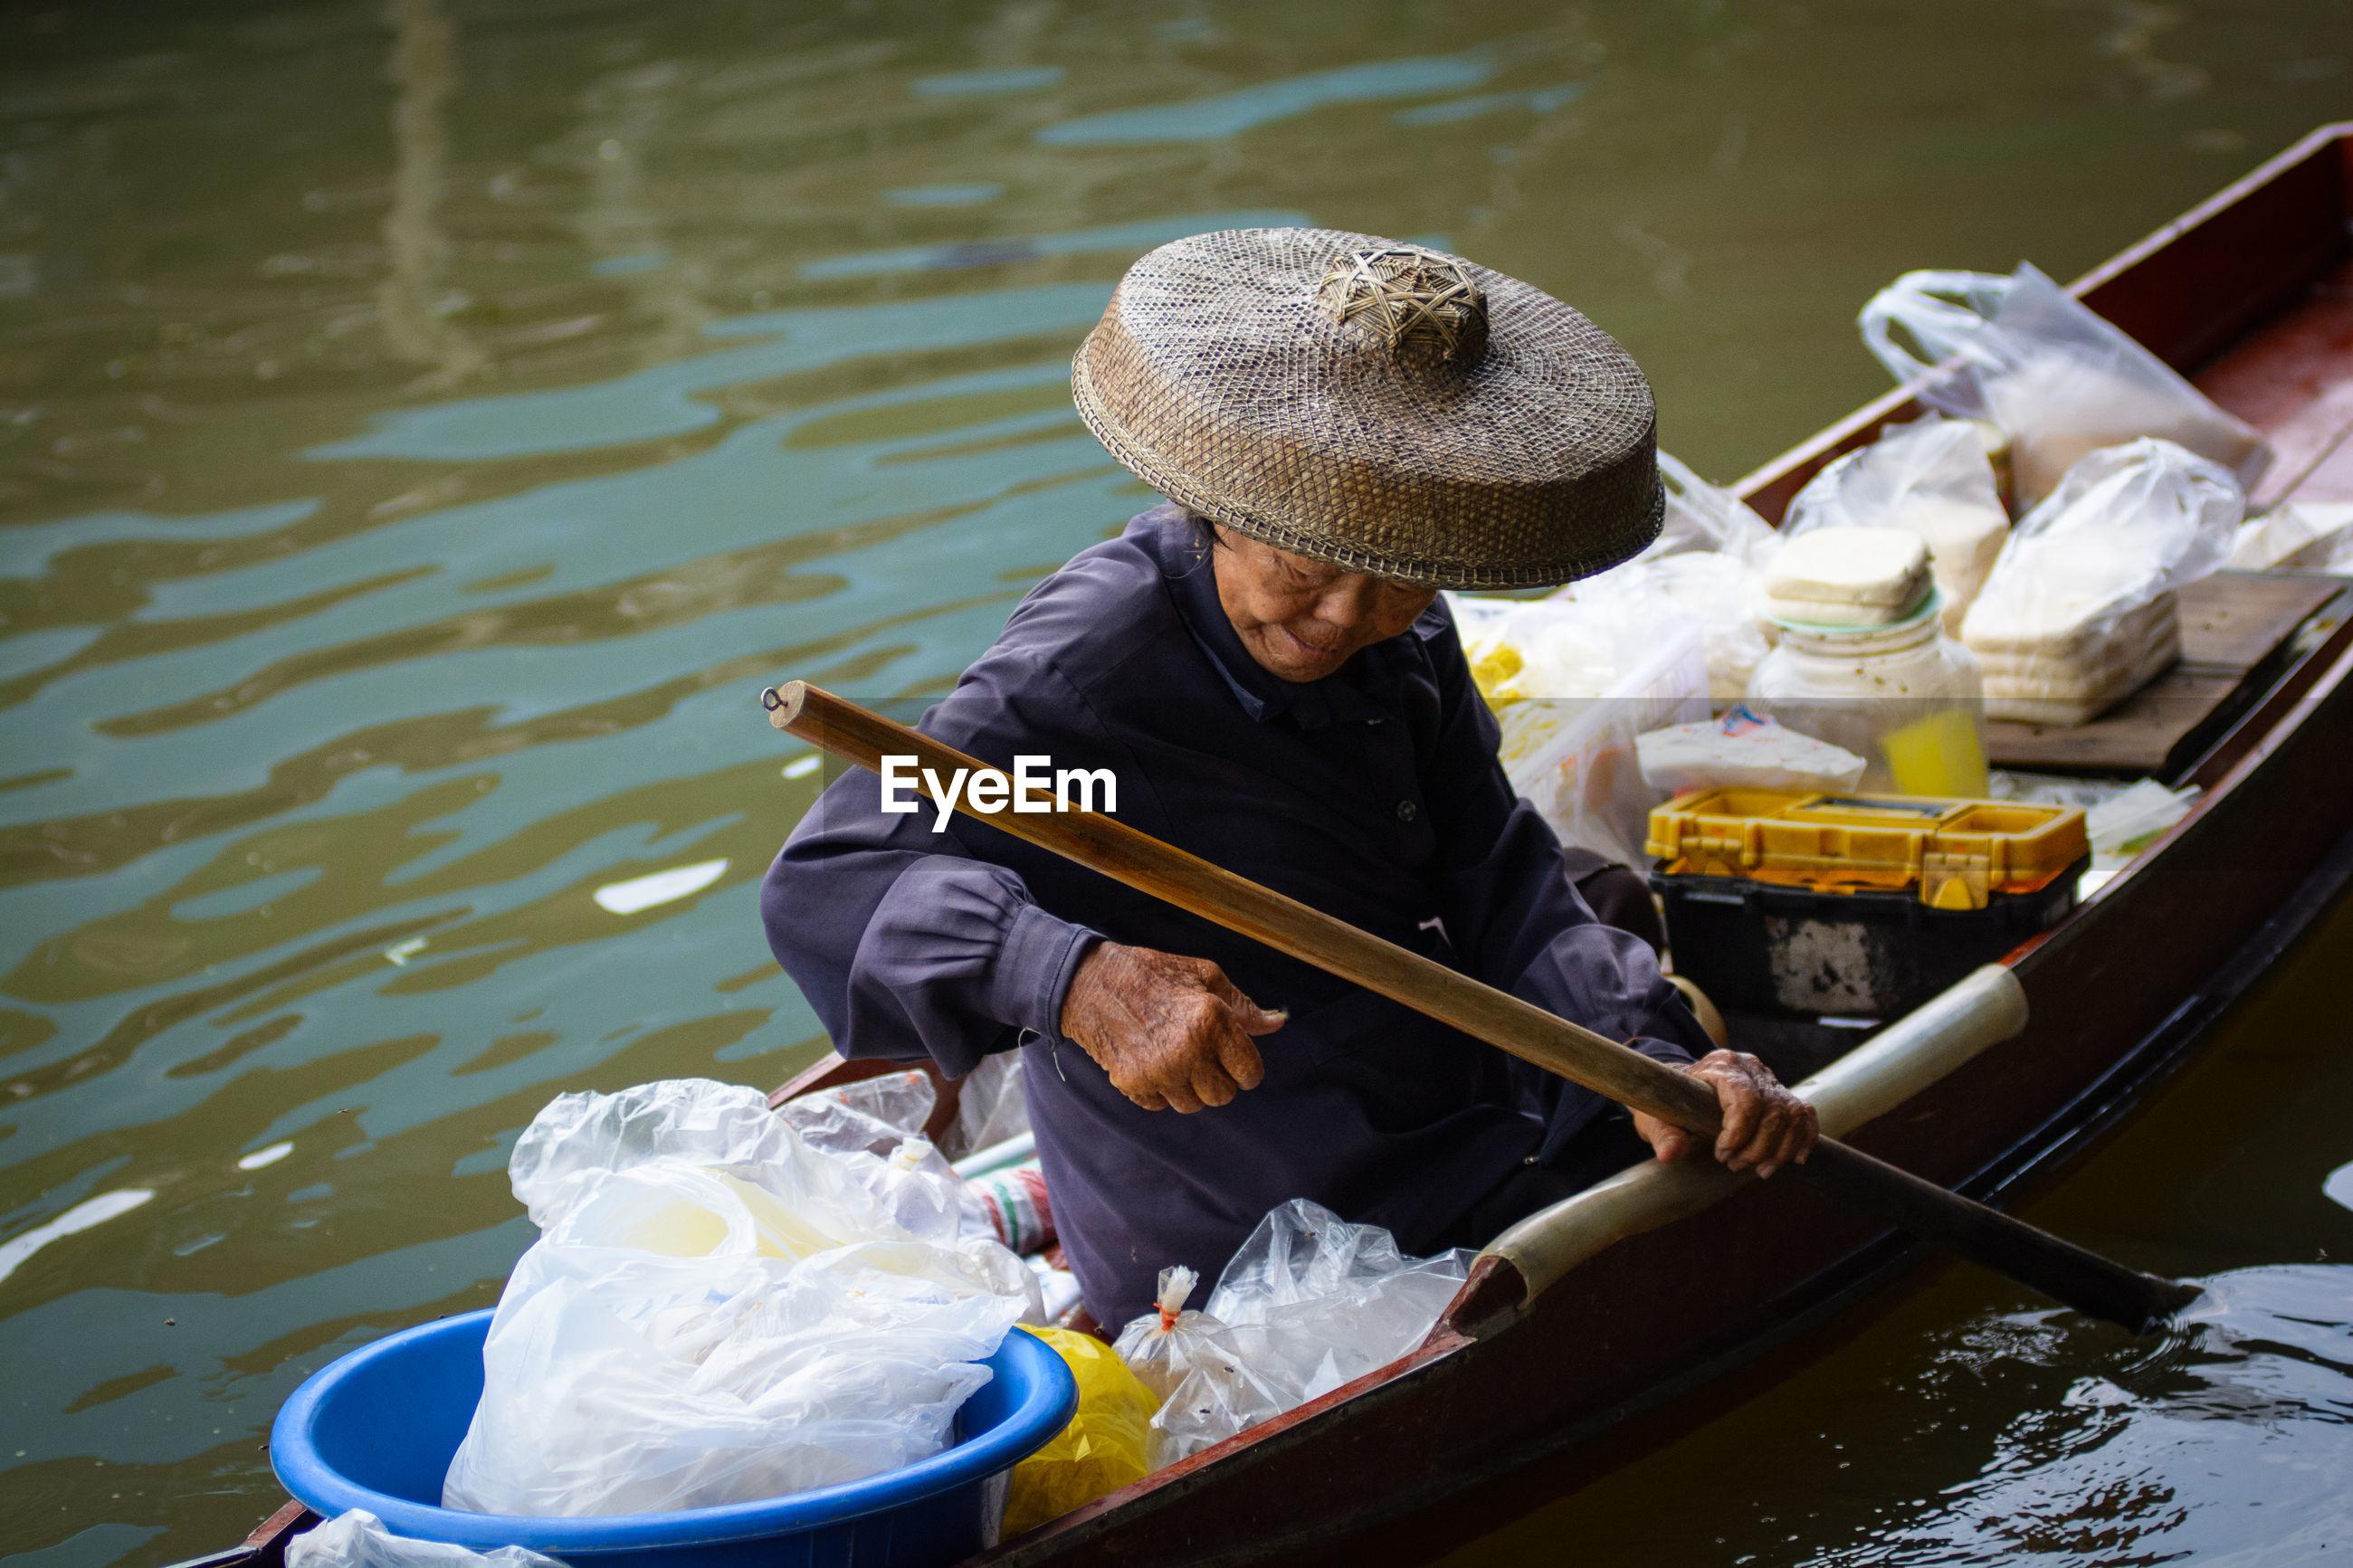 Man sitting on boat in lake